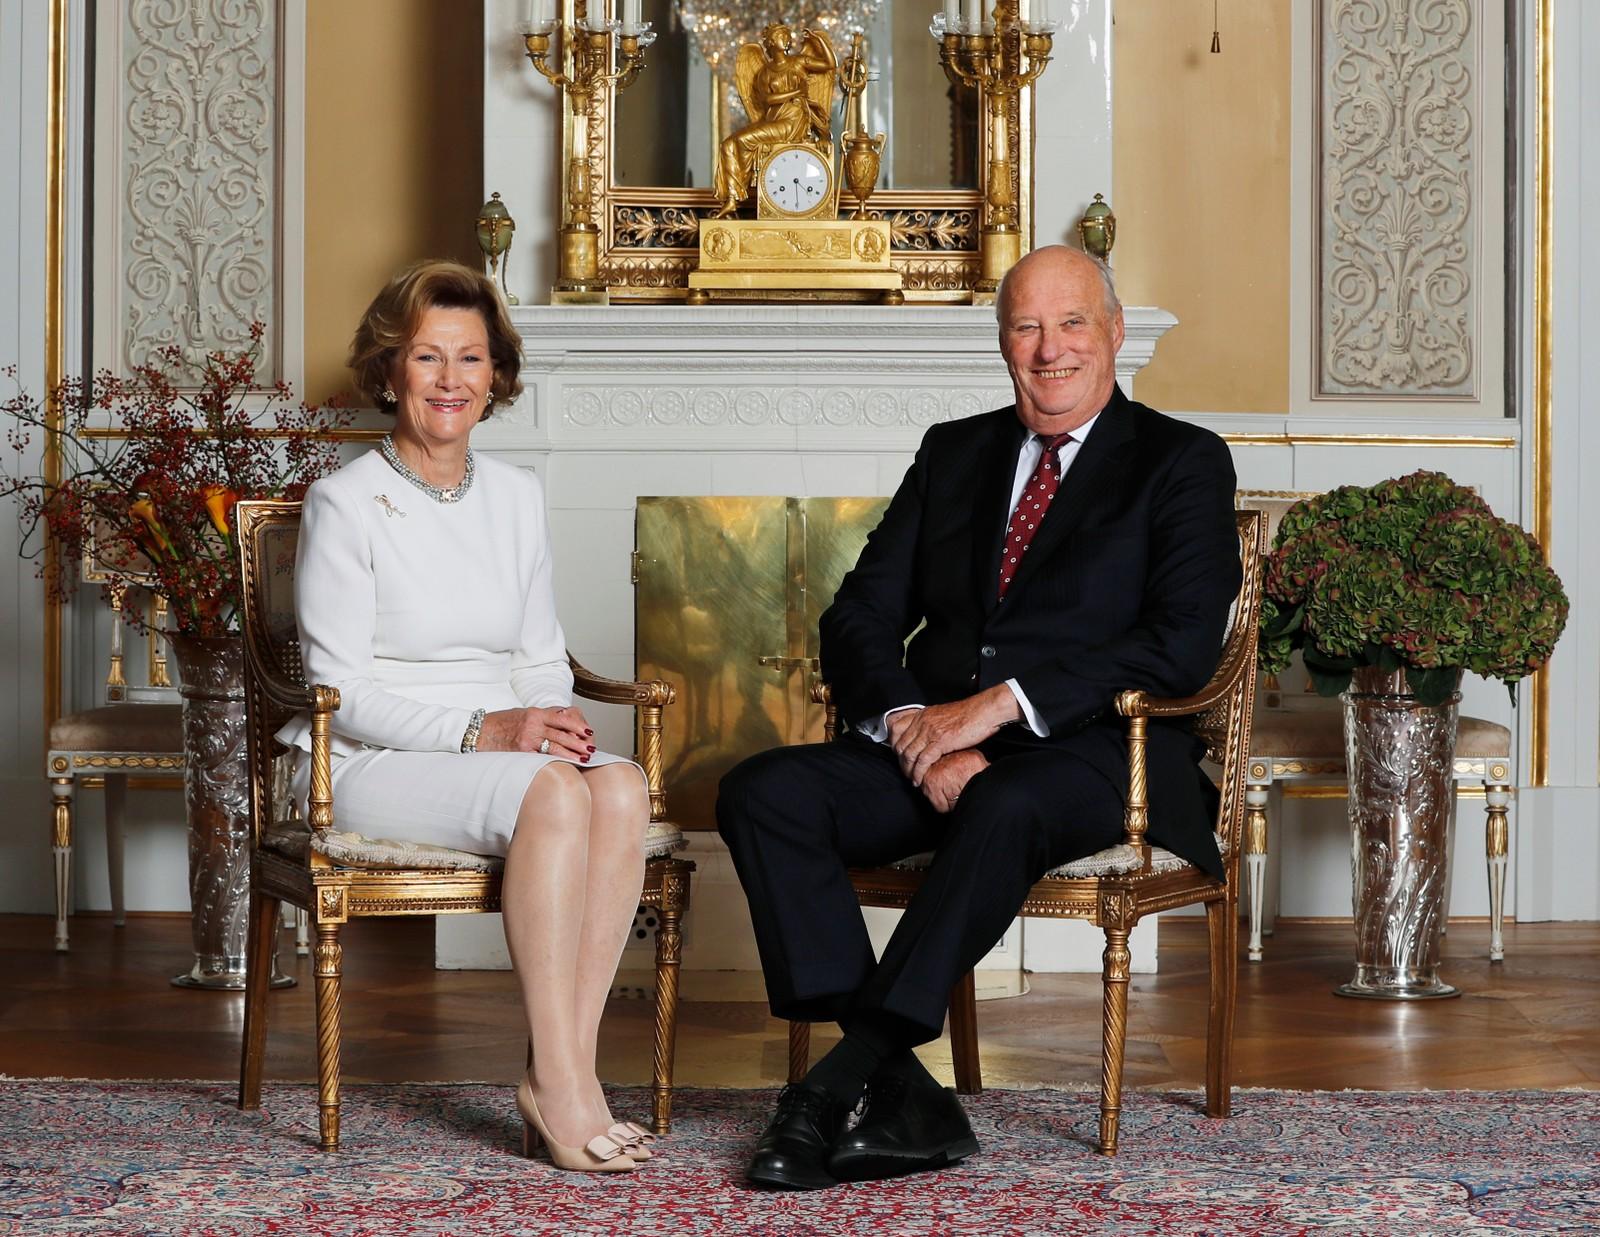 Oslo 20161017. Kong Harald og dronning Sonja 80 år. I anledning kongeparets 80-årsdager er kongefamilien fotografert i den hvite salong på Slottet i Oslo. Dronning Sonja og kong Harald. Foto: Lise Åserud / NTB scanpix Kong Harald og dronning Sonja 80 år.